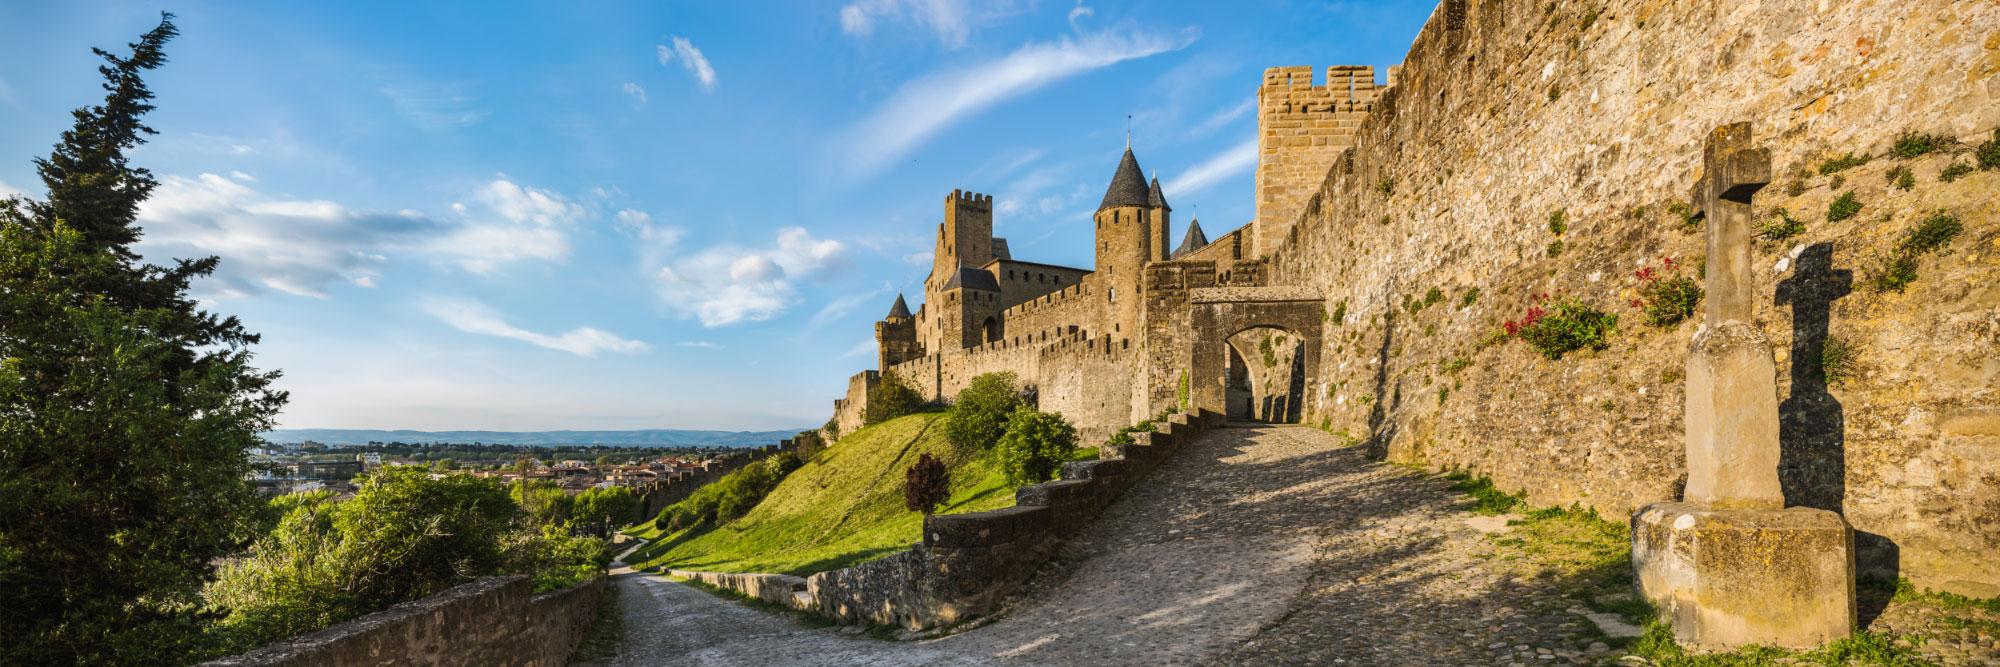 La porte d'Aude, Cité de Carcassonne, pays cathare